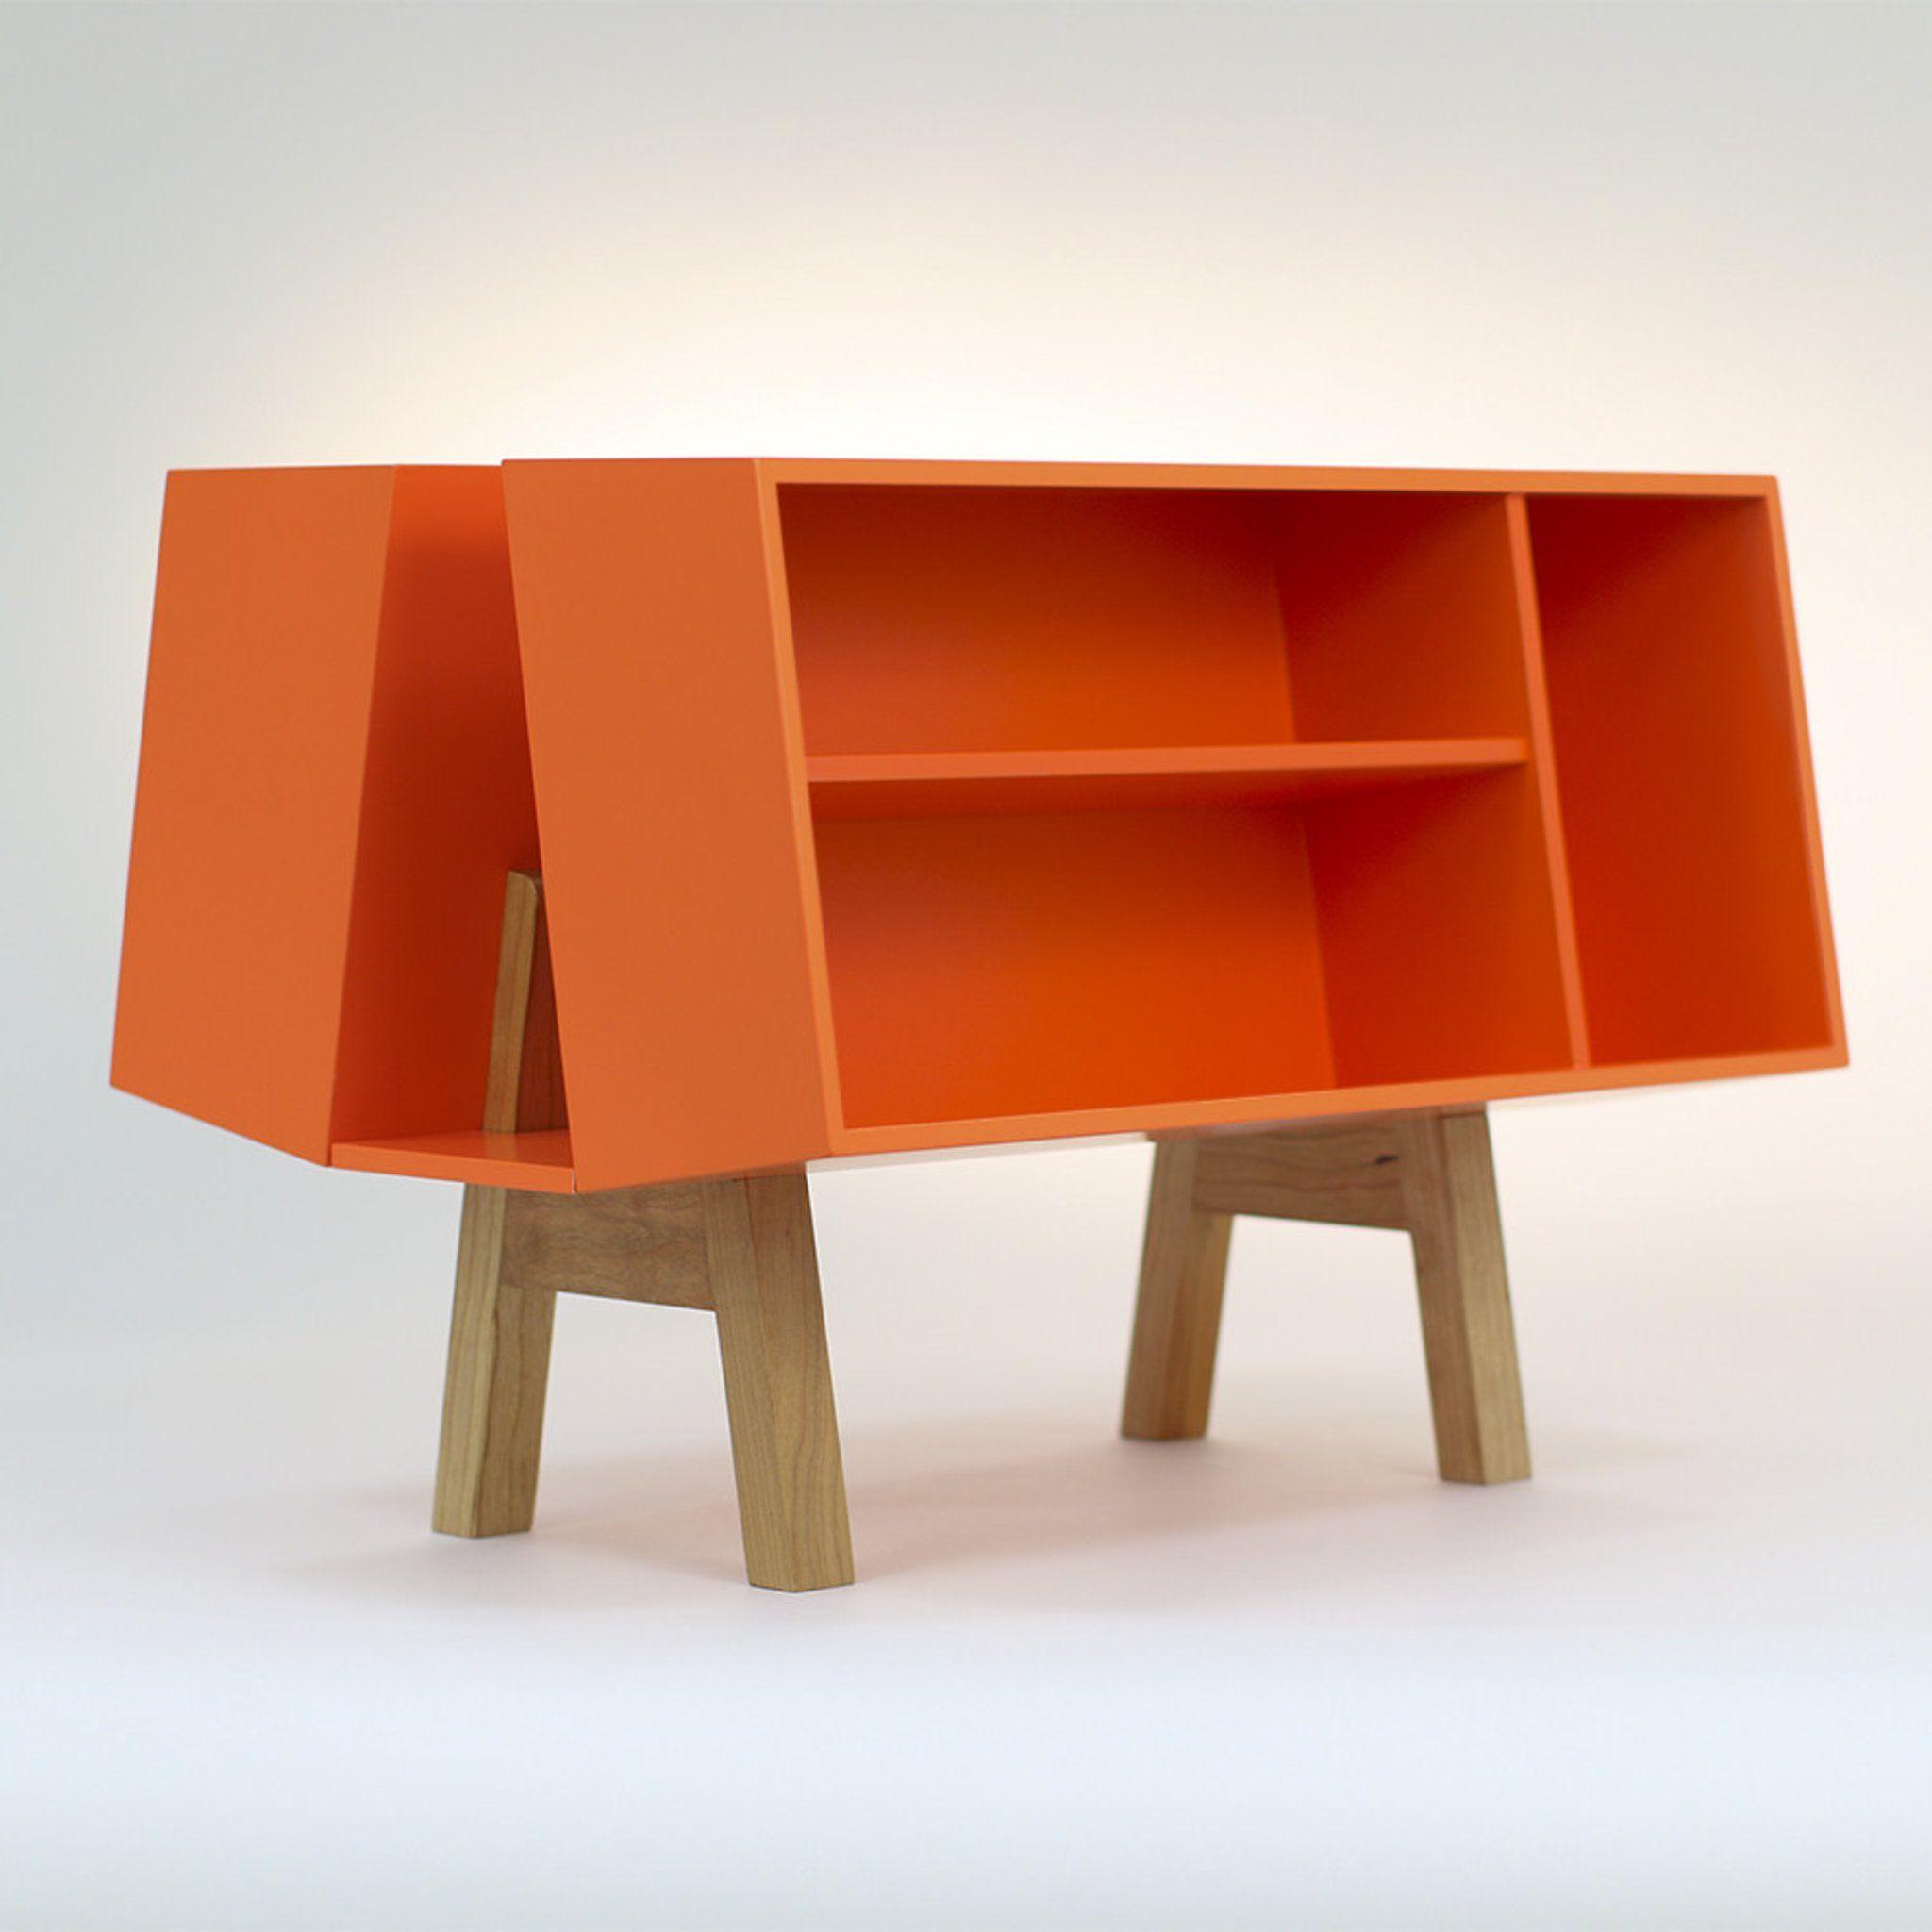 Isokon Penguin Donkey Mark 2 Orange Bookshelf Made For Publishing House